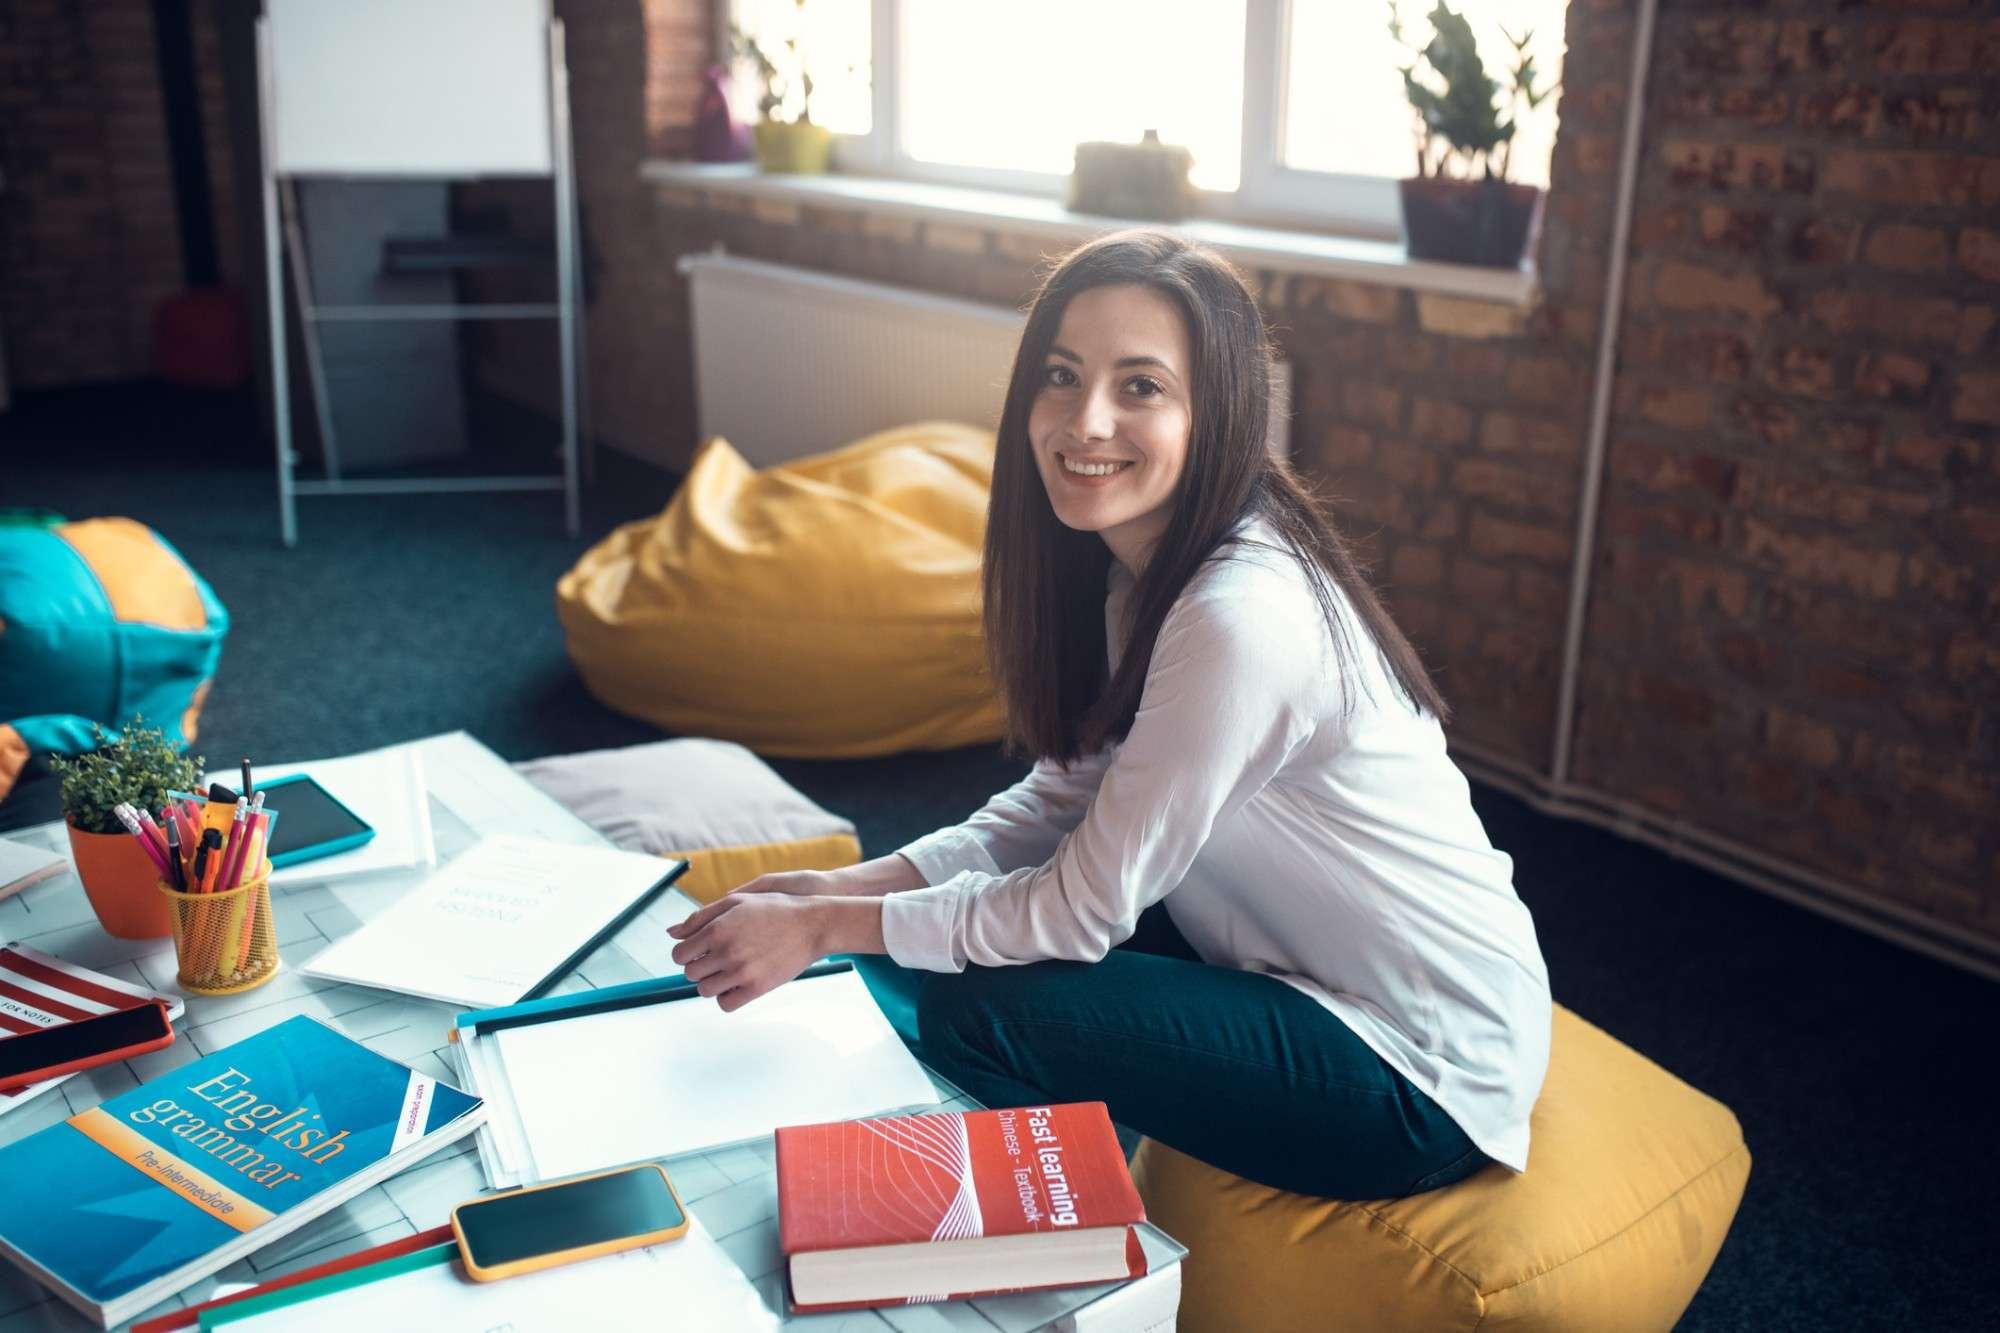 Tire suas dúvidas sobre pós-graduação nos EUA e prepare-se para estudar fora!